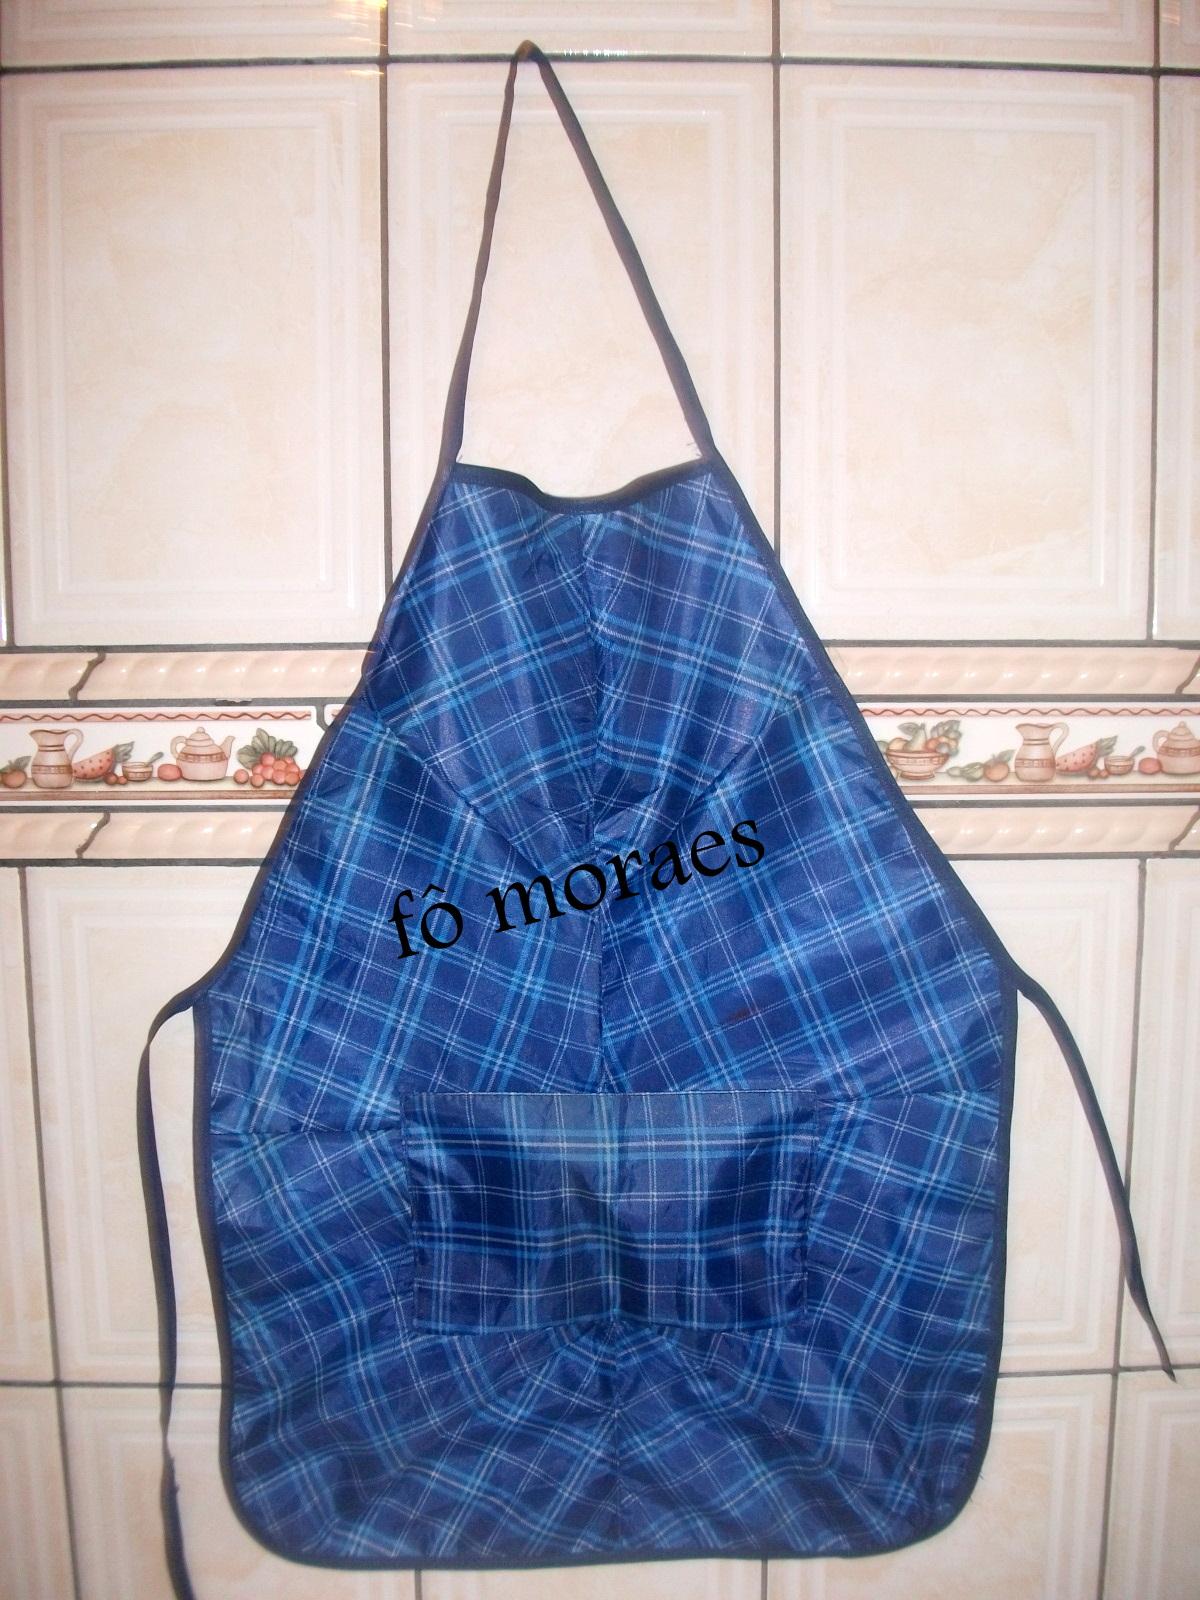 Bolsa De Tecido De Guarda Chuva Passo A Passo : Fomoraes artesanatos reciclagem com tecidos de guarda